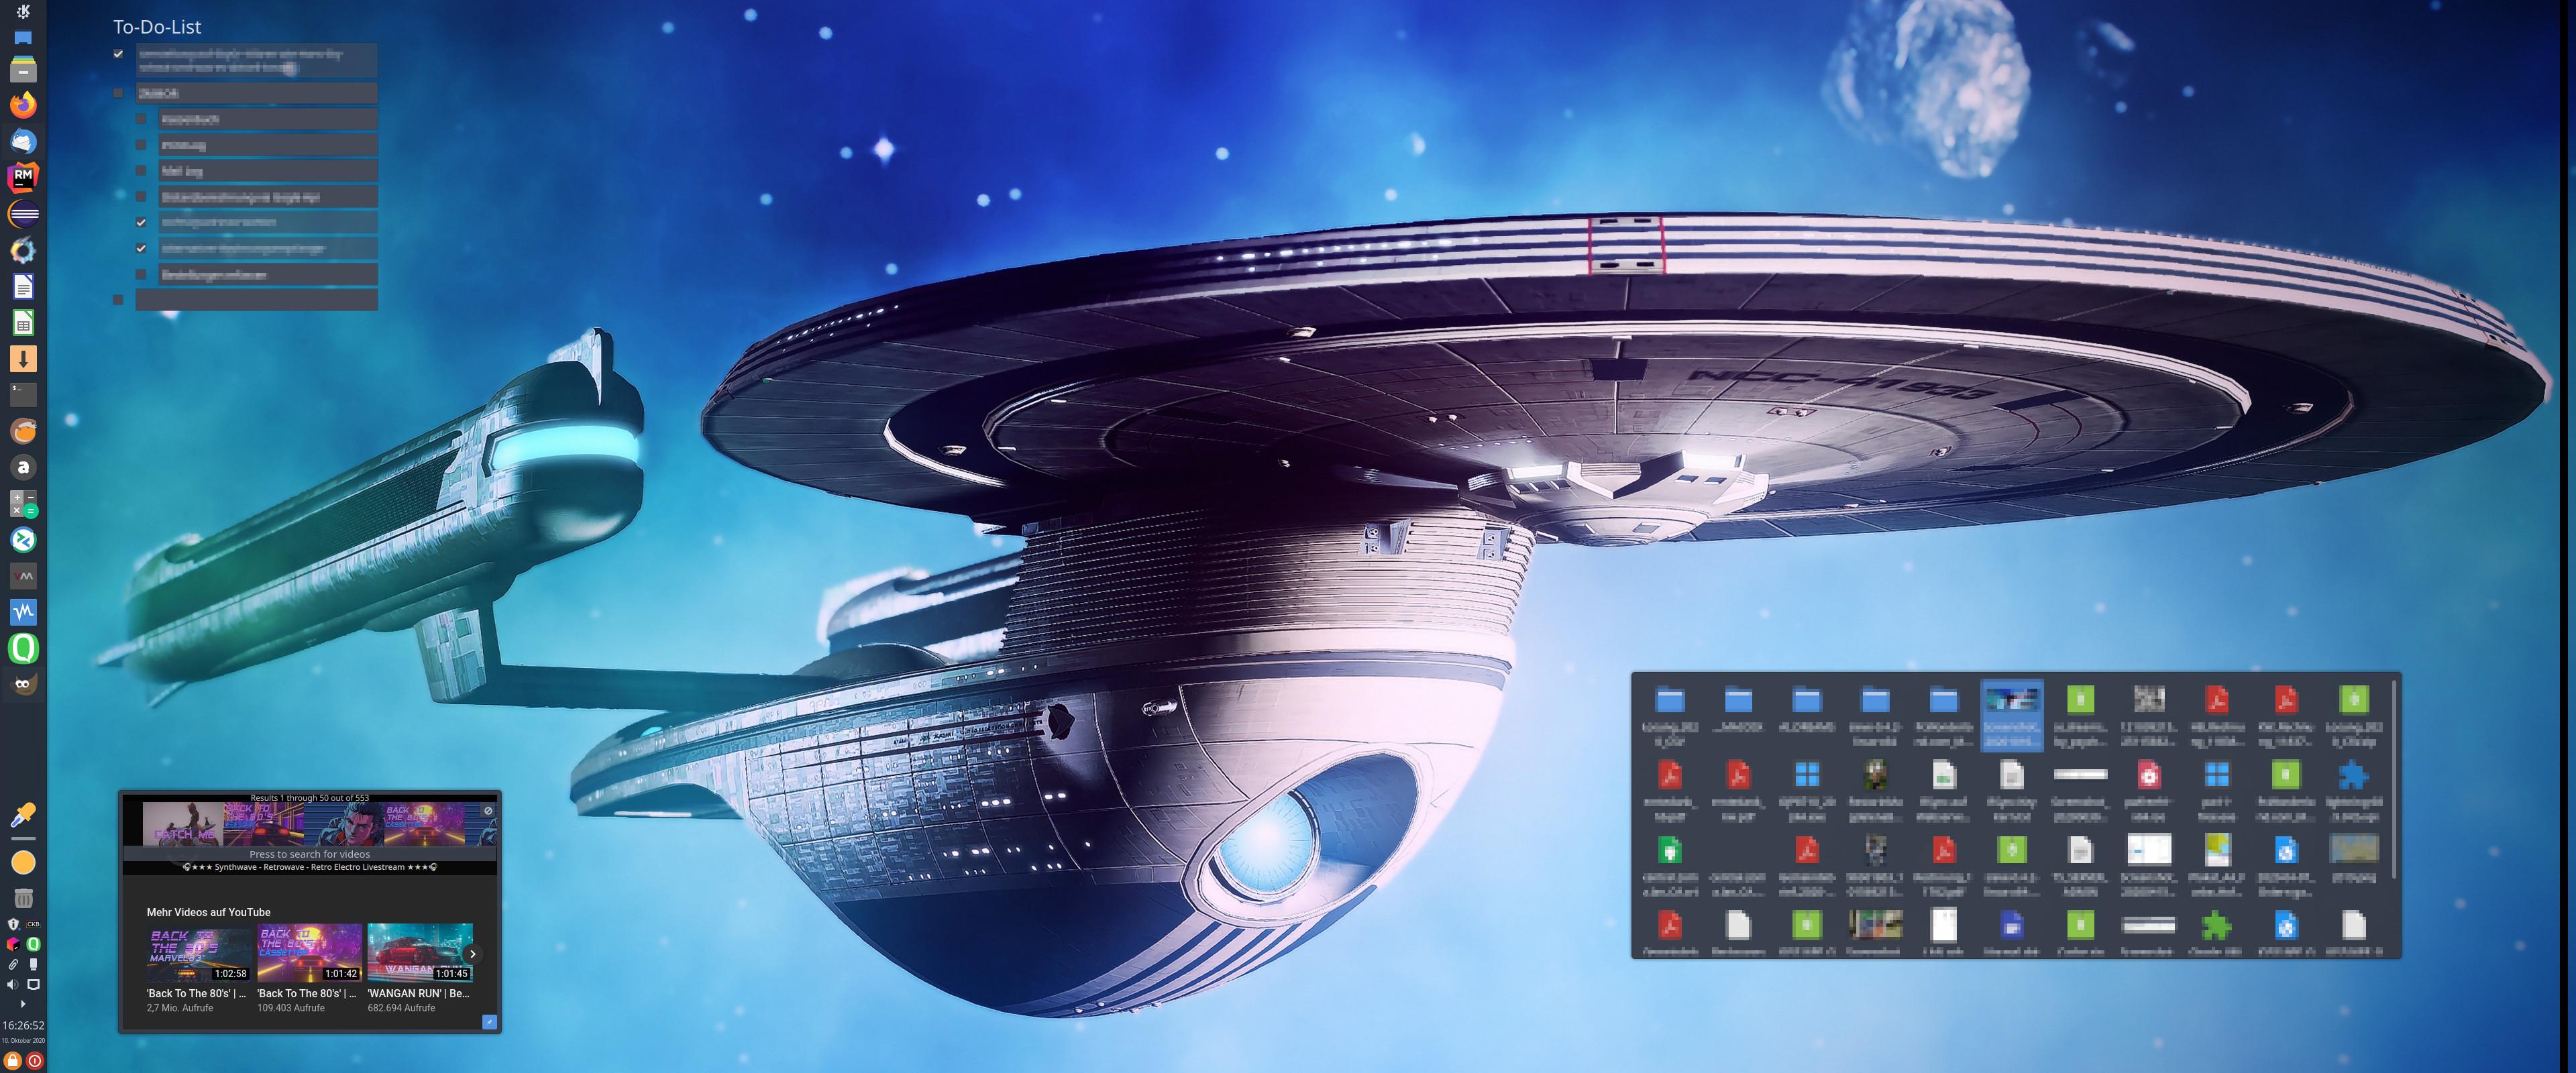 Screenshot_20201010_162659.jpg